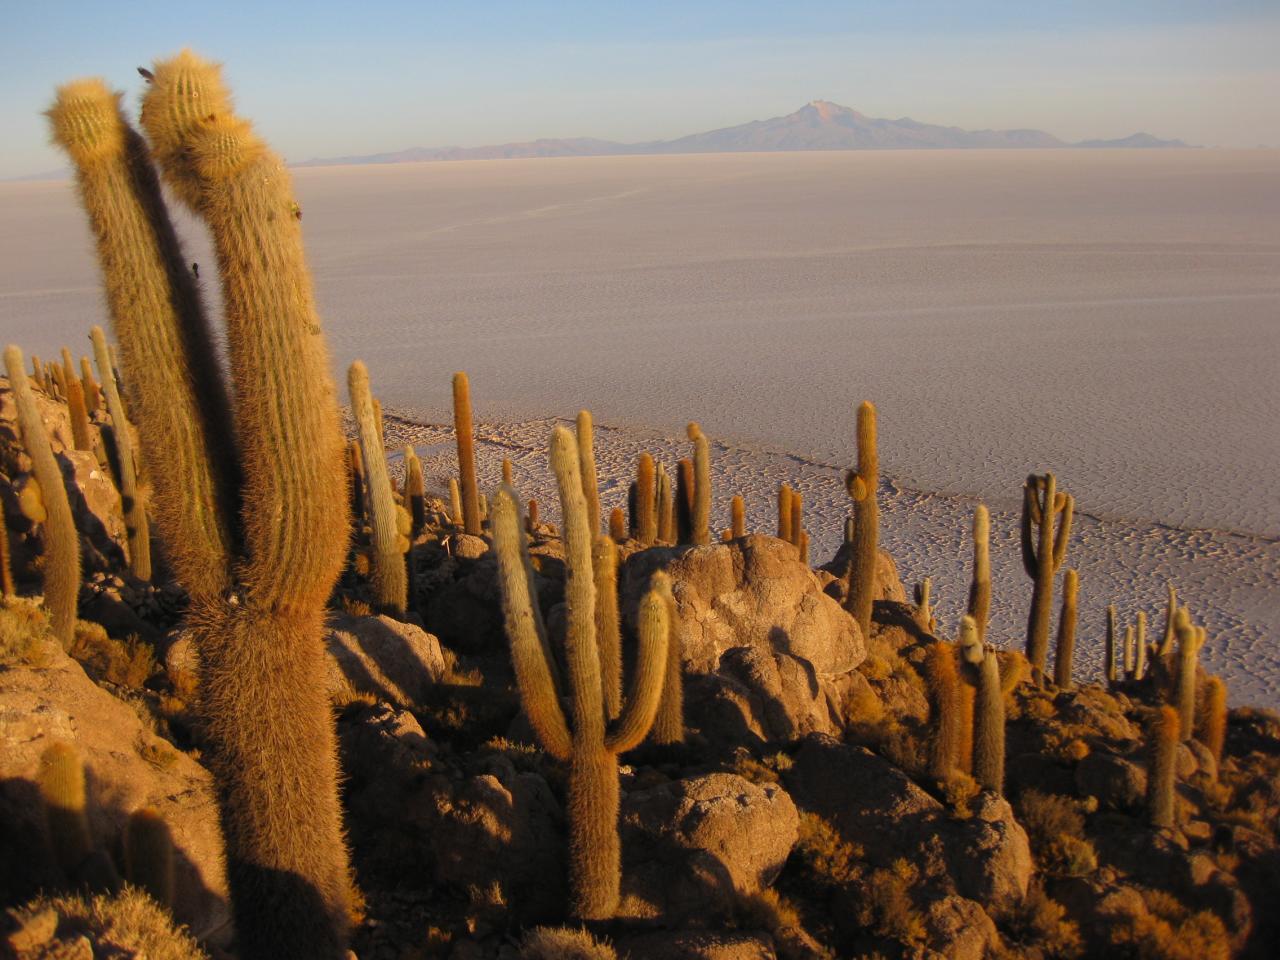 cacti and salt flats